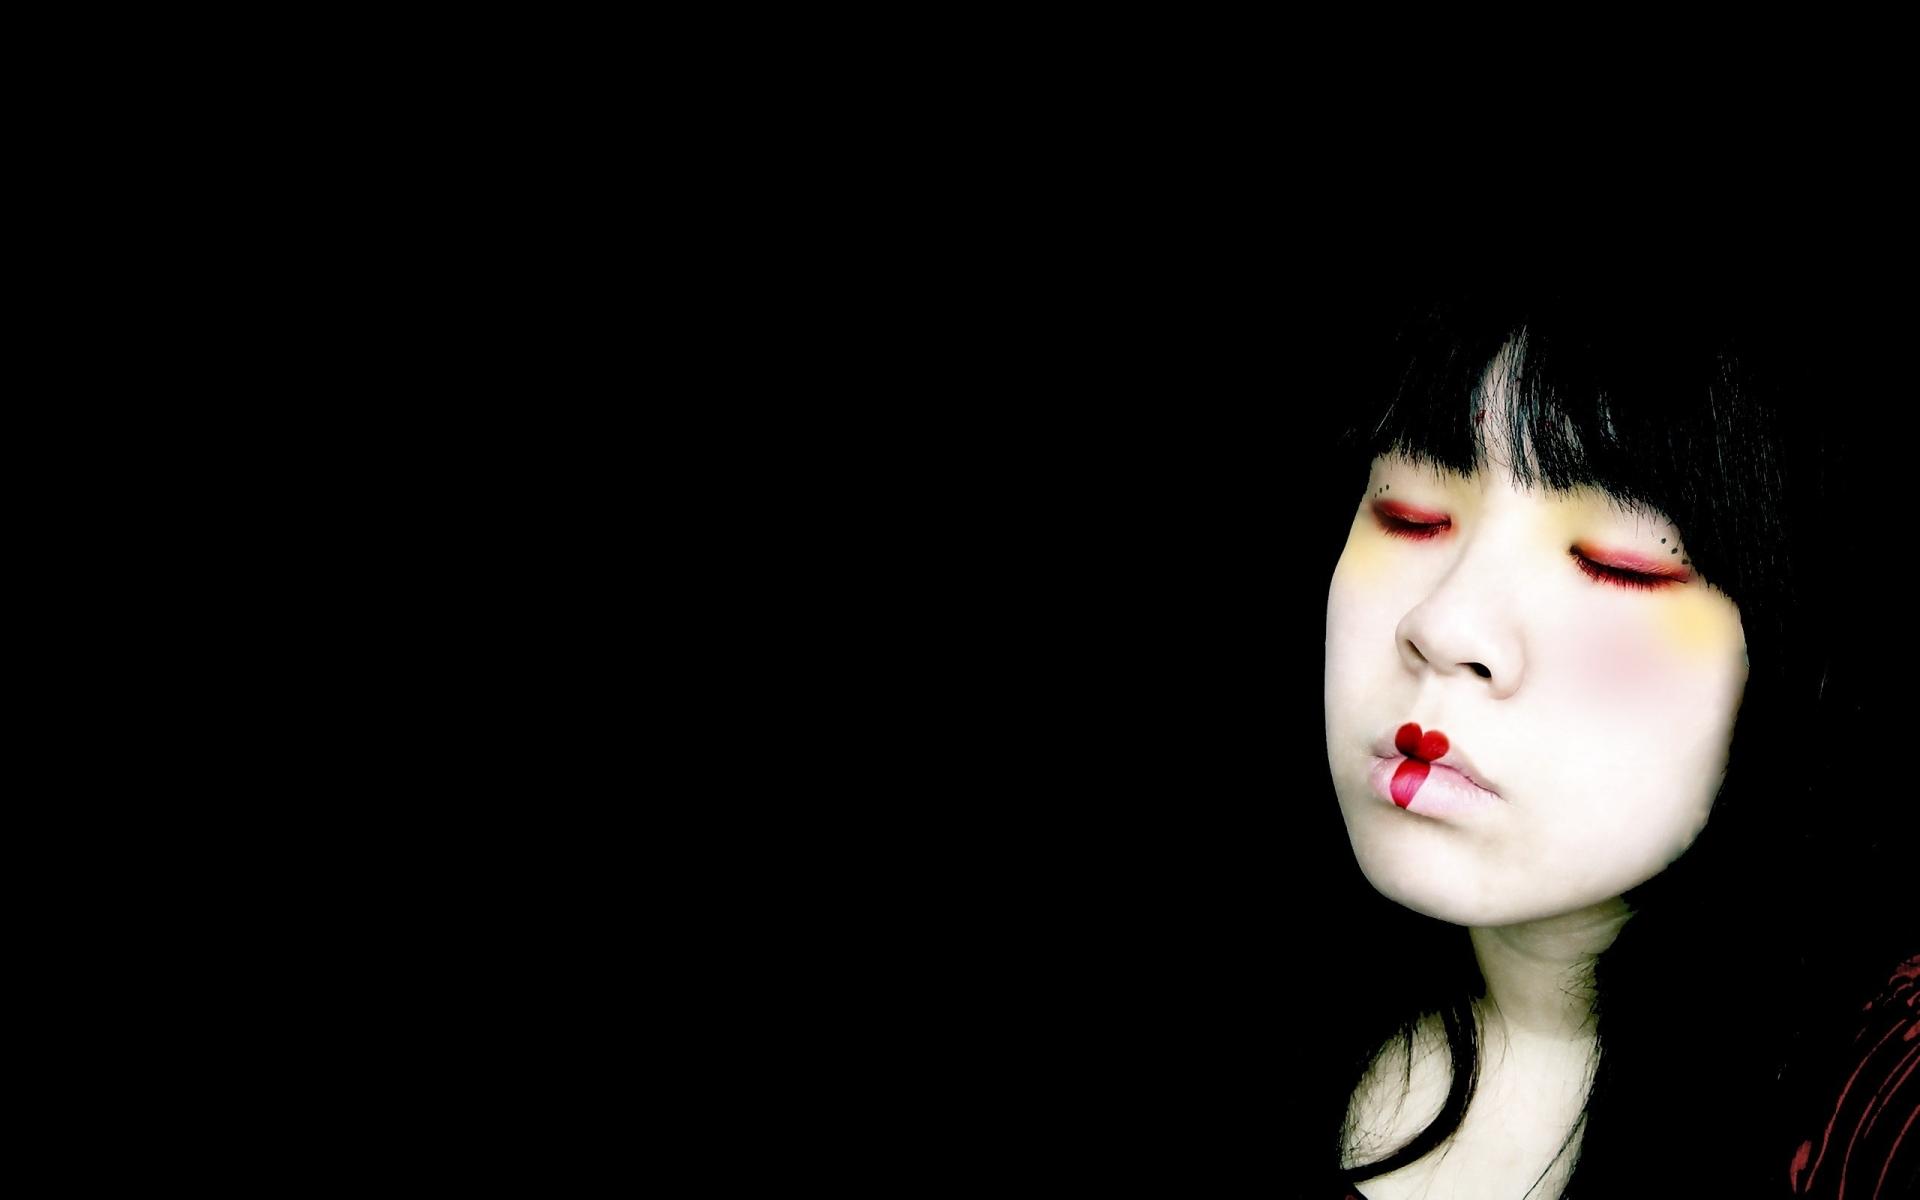 Una chica emo fondo negro - 1920x1200